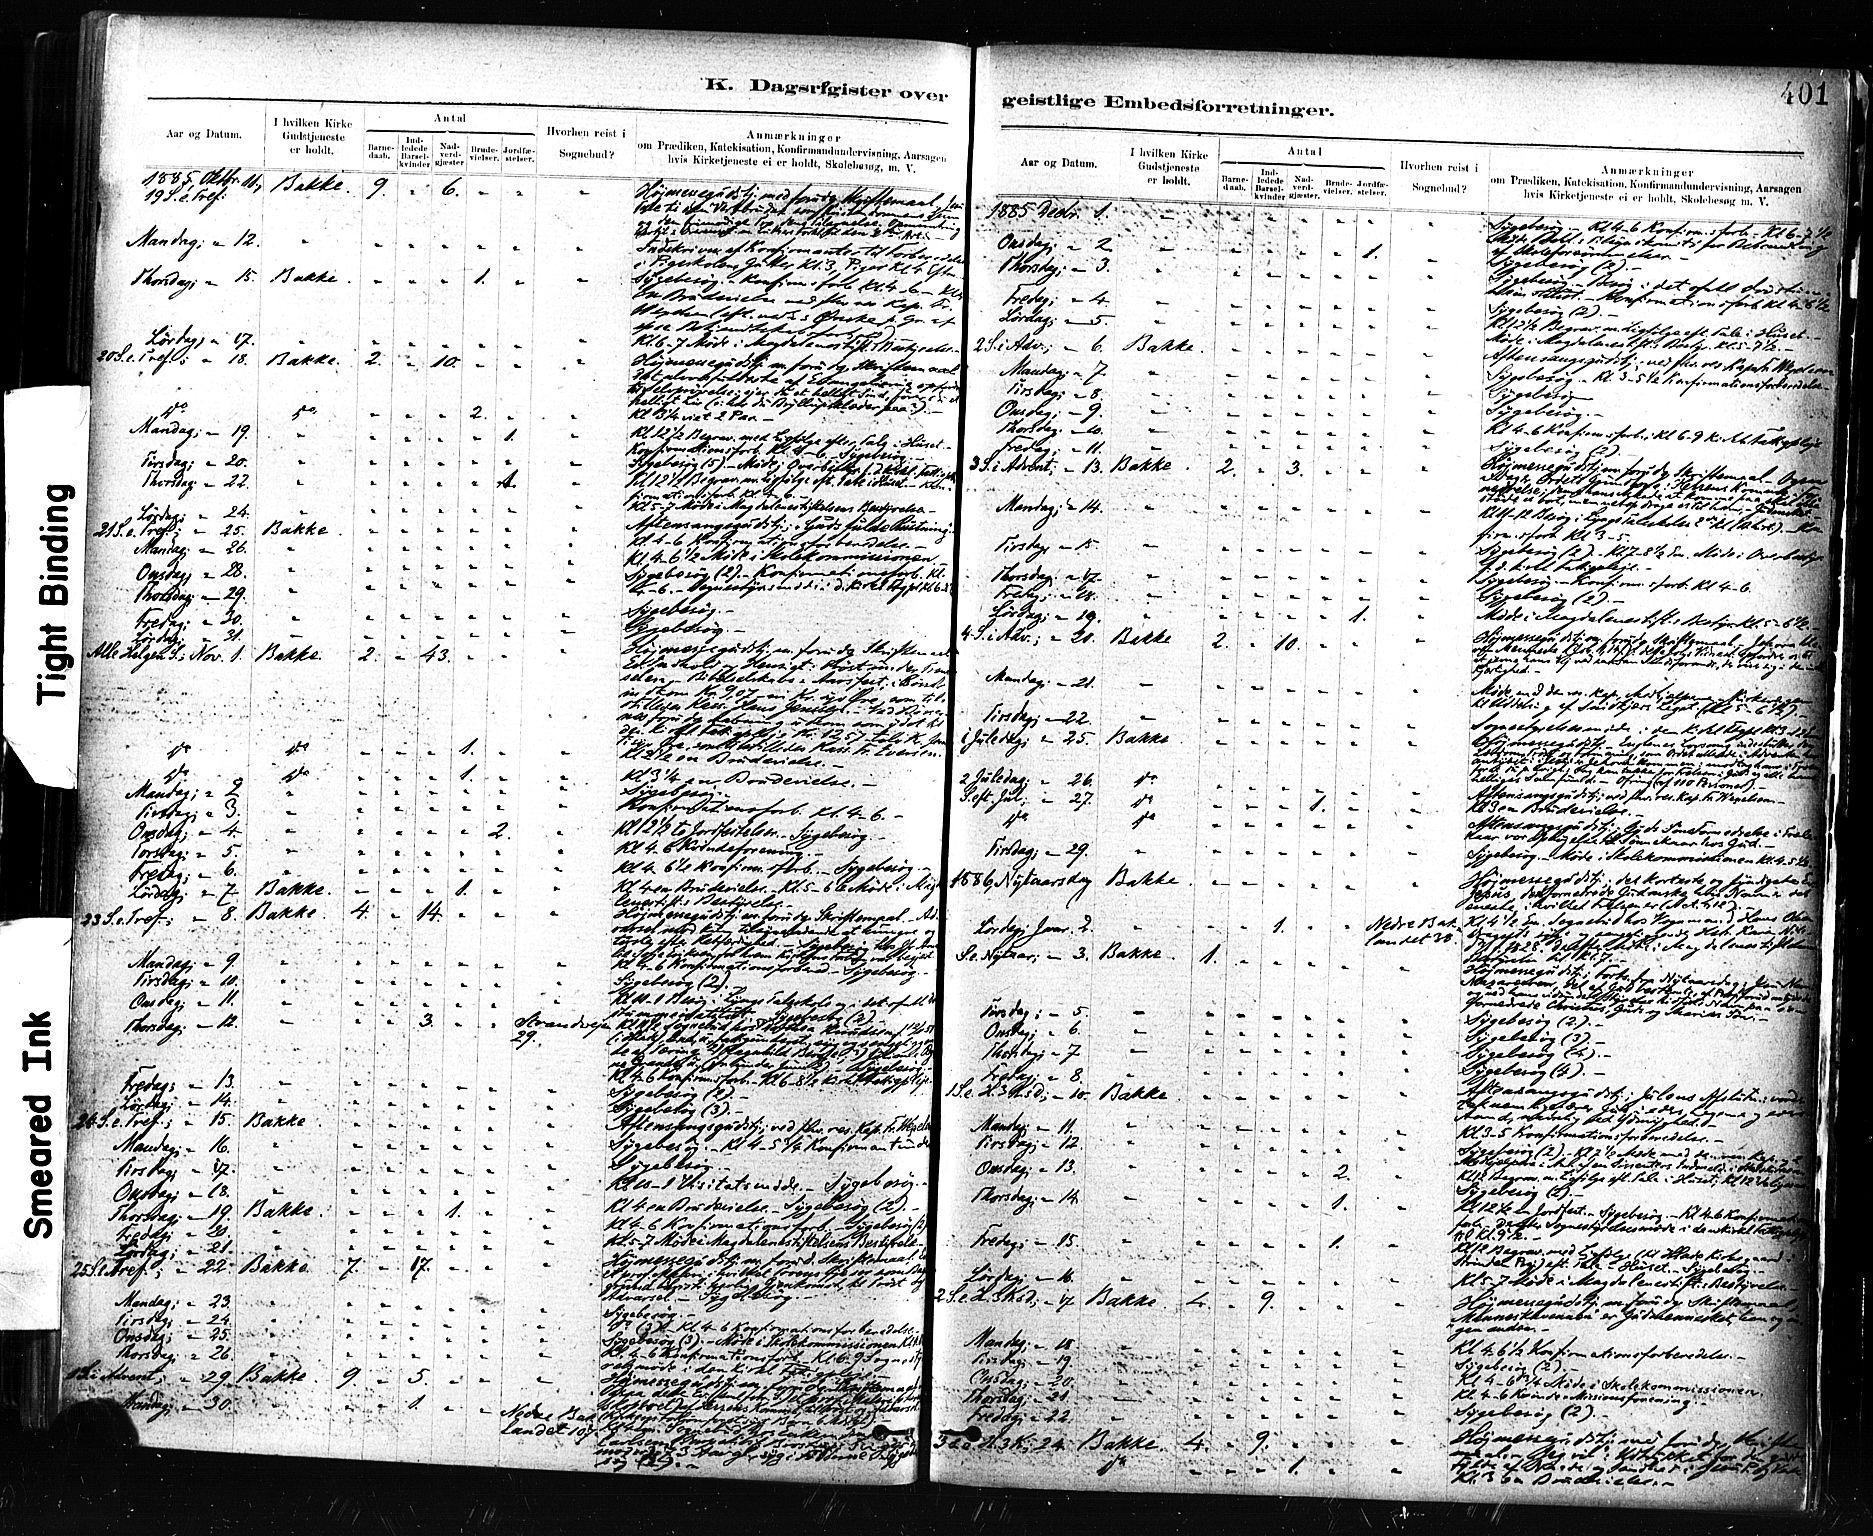 SAT, Ministerialprotokoller, klokkerbøker og fødselsregistre - Sør-Trøndelag, 604/L0189: Ministerialbok nr. 604A10, 1878-1892, s. 401